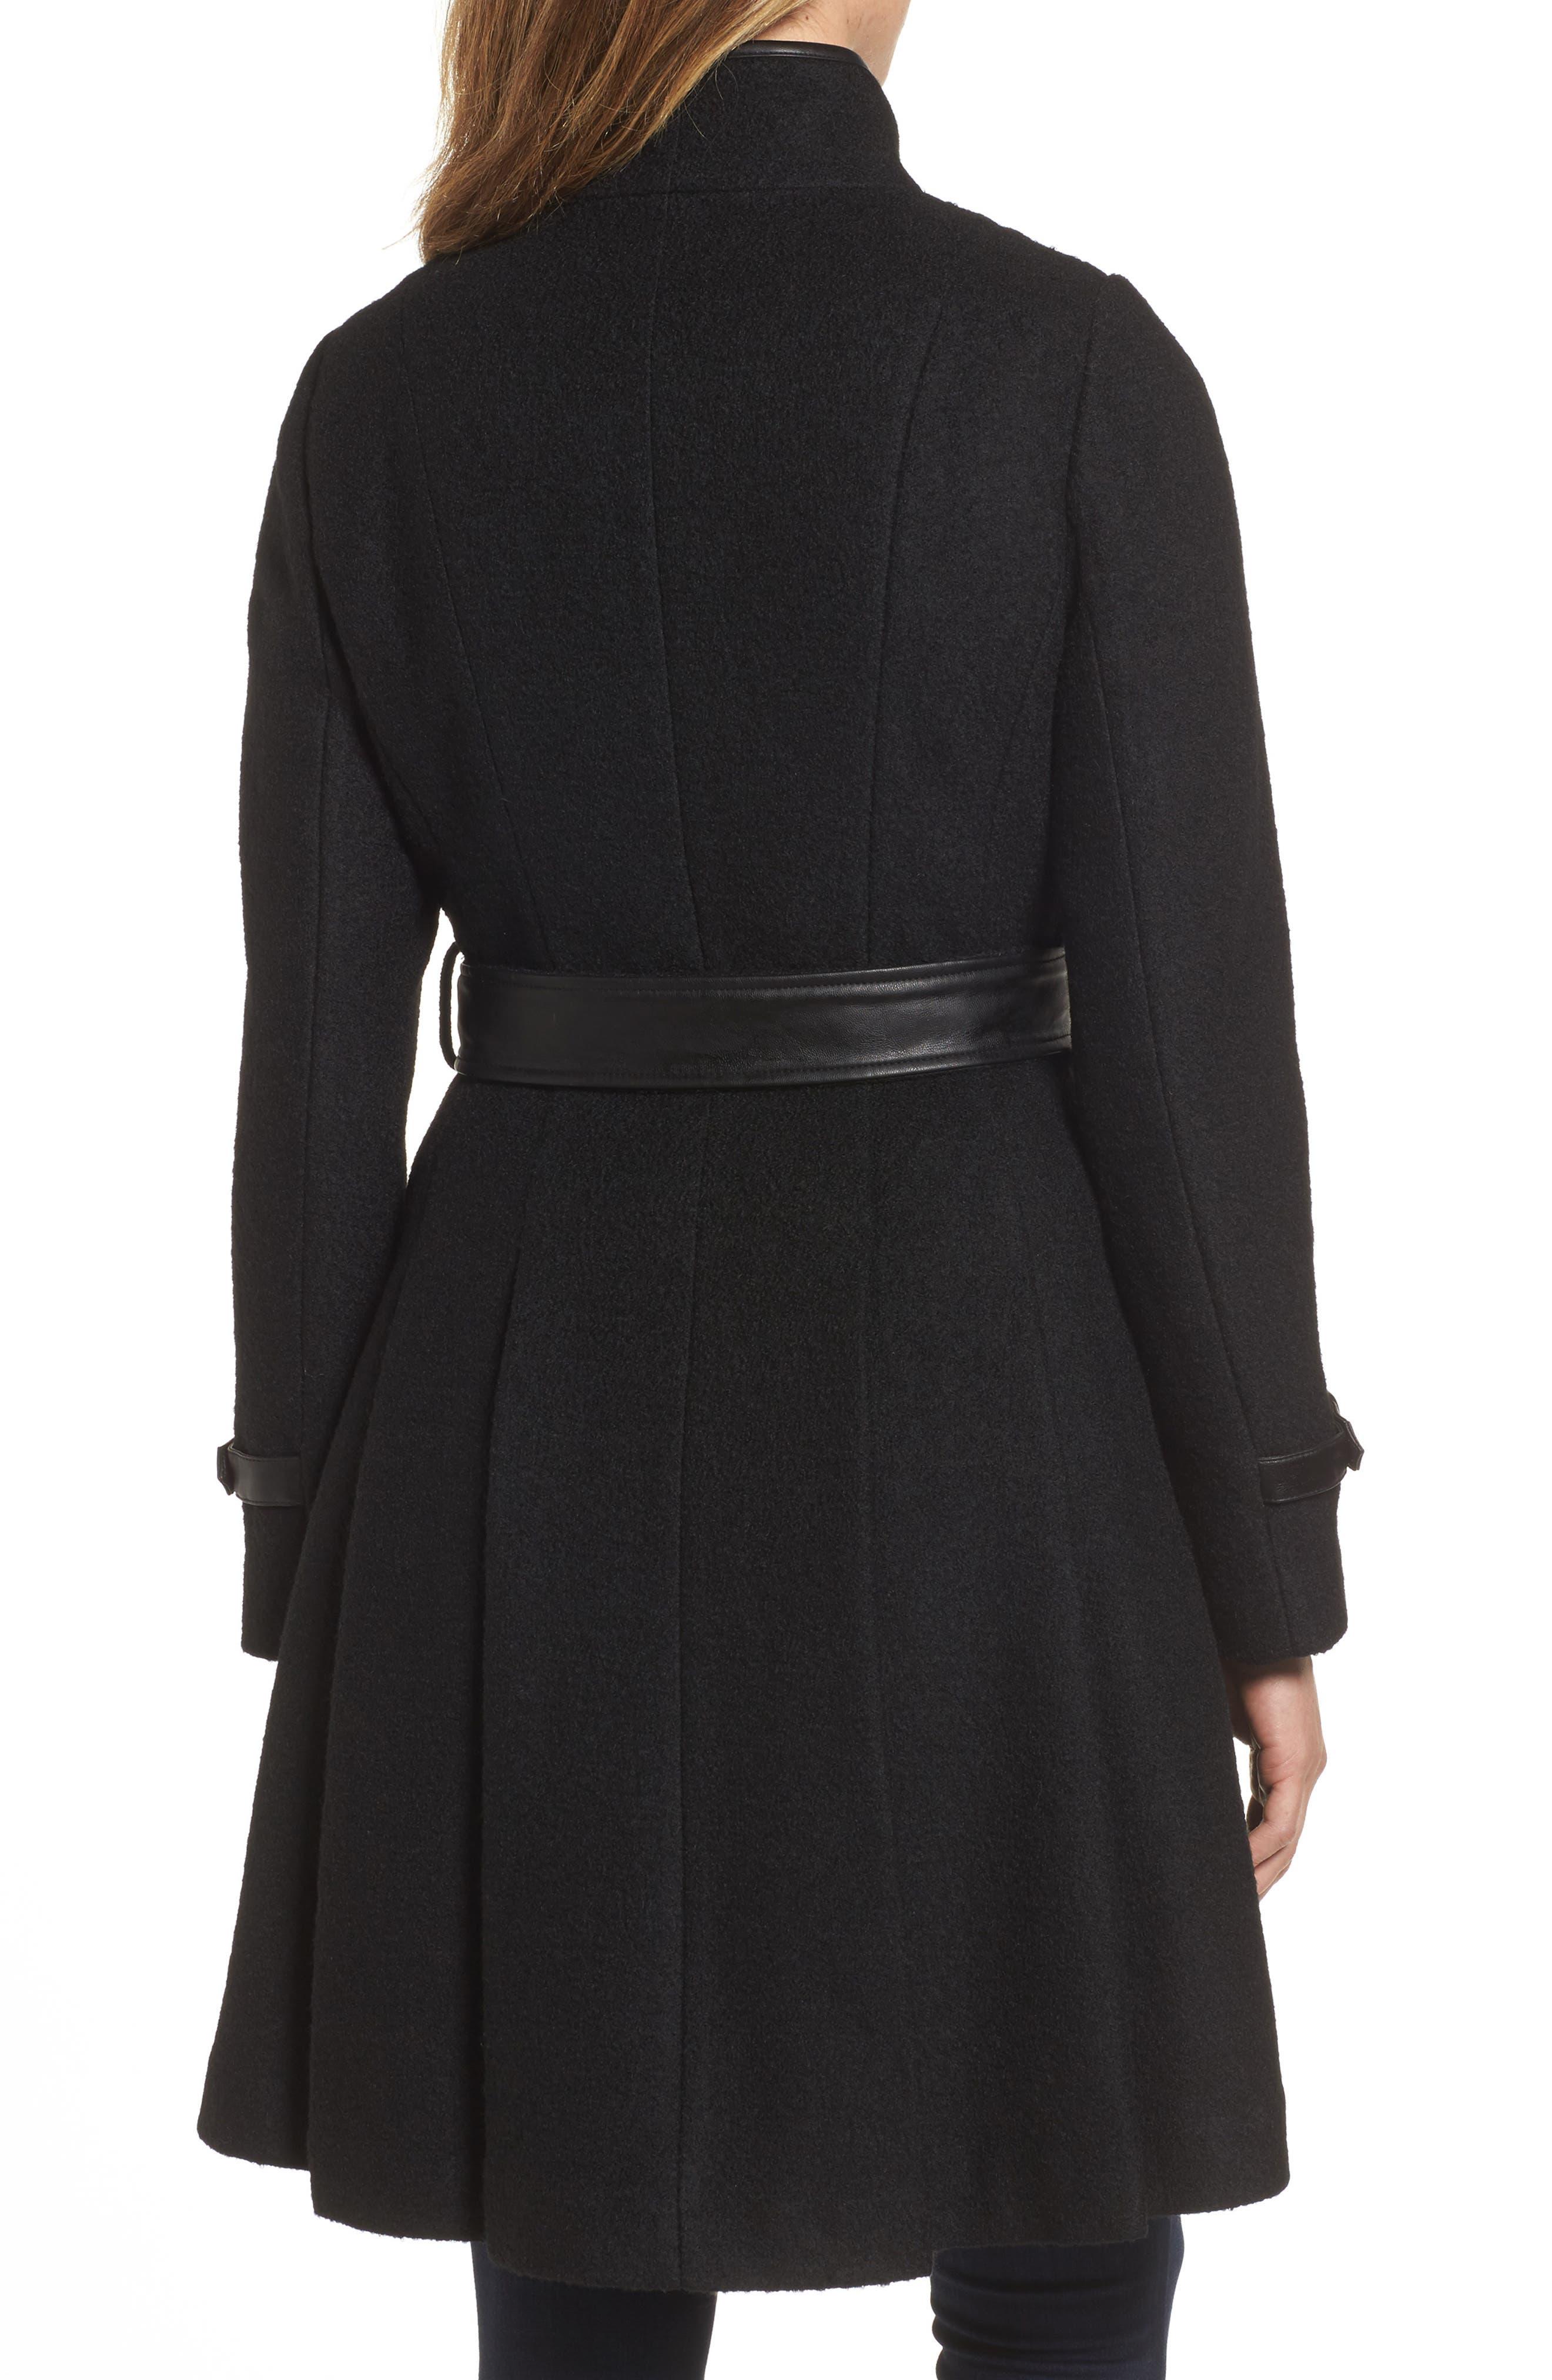 Belted Boiled Wool Blend Coat,                             Alternate thumbnail 2, color,                             Black